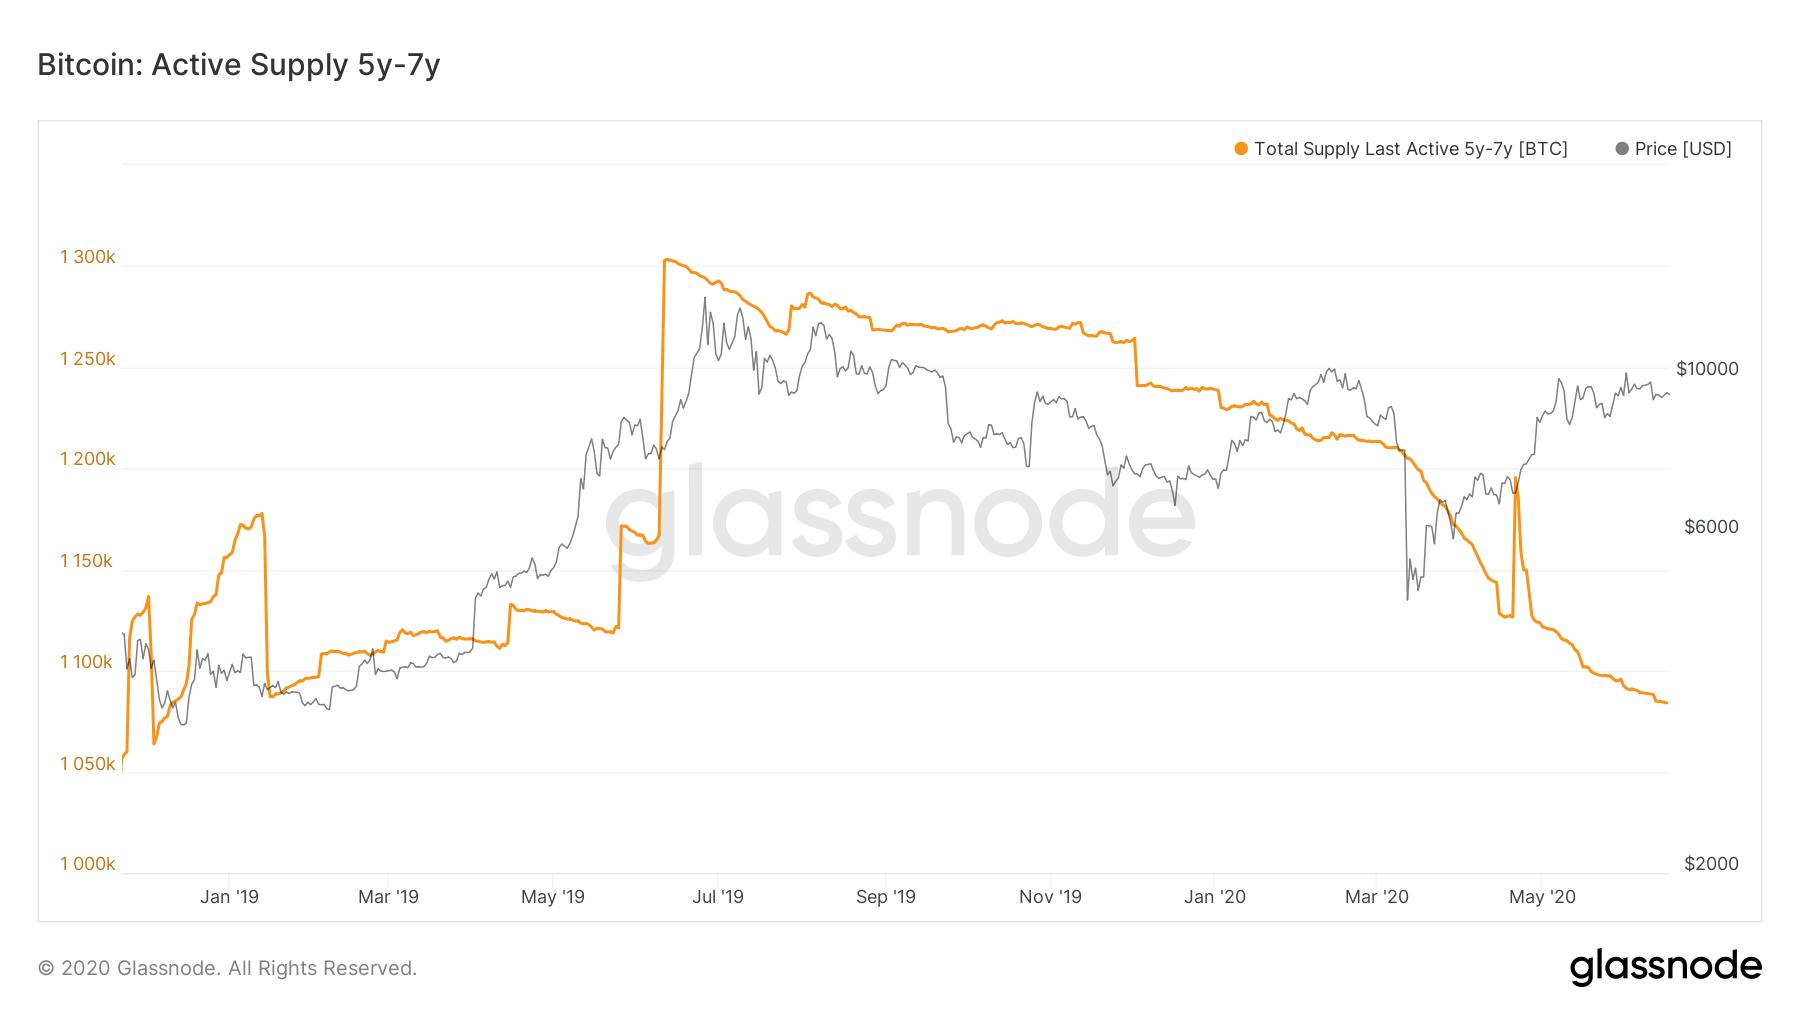 Fornitura attiva di Bitcoin